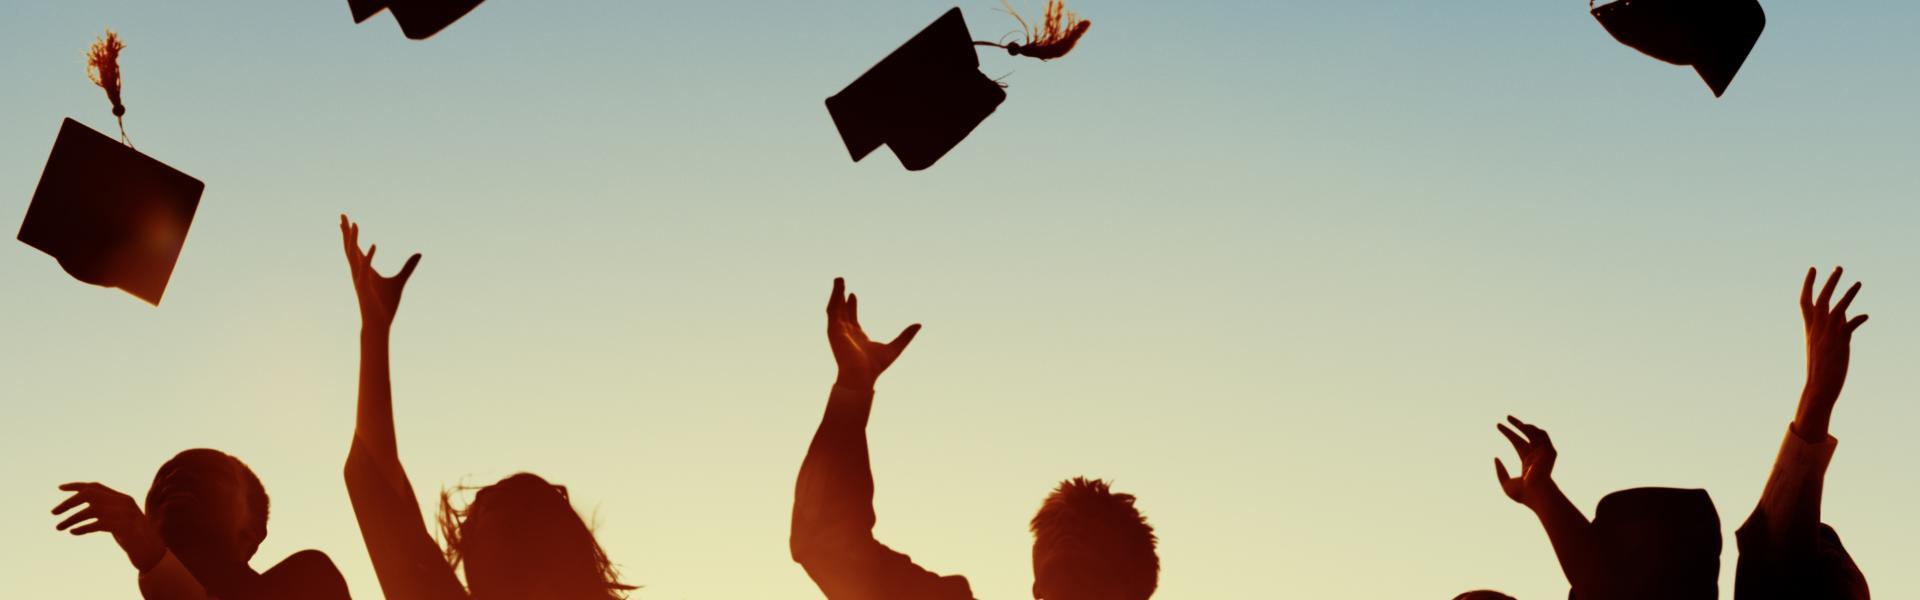 Vorbereitungskurs für Aufnahmeprüfung und Prüfungsvorbereitung